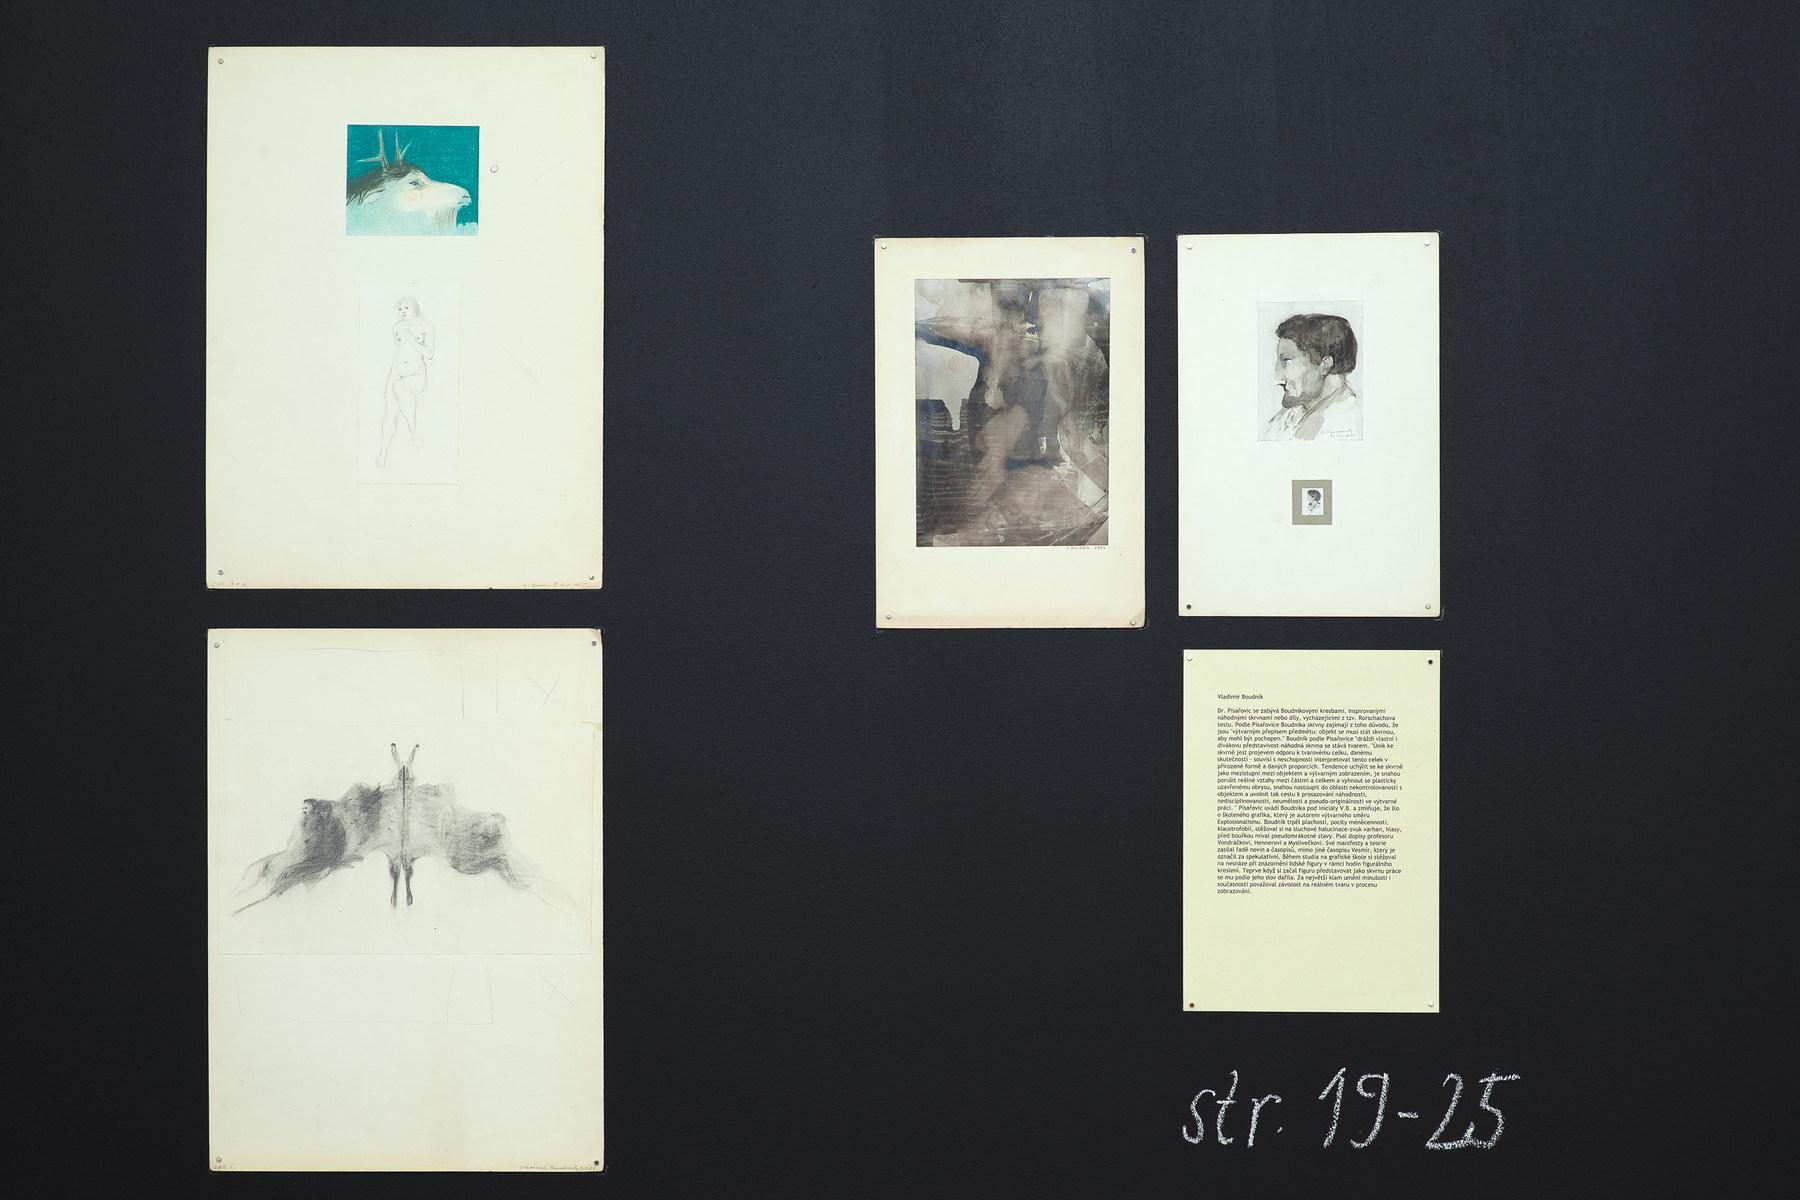 SVIT Eva Kot+ítkov+í _ P+¡sa+Öovicova Pracovna_ 2015-2549